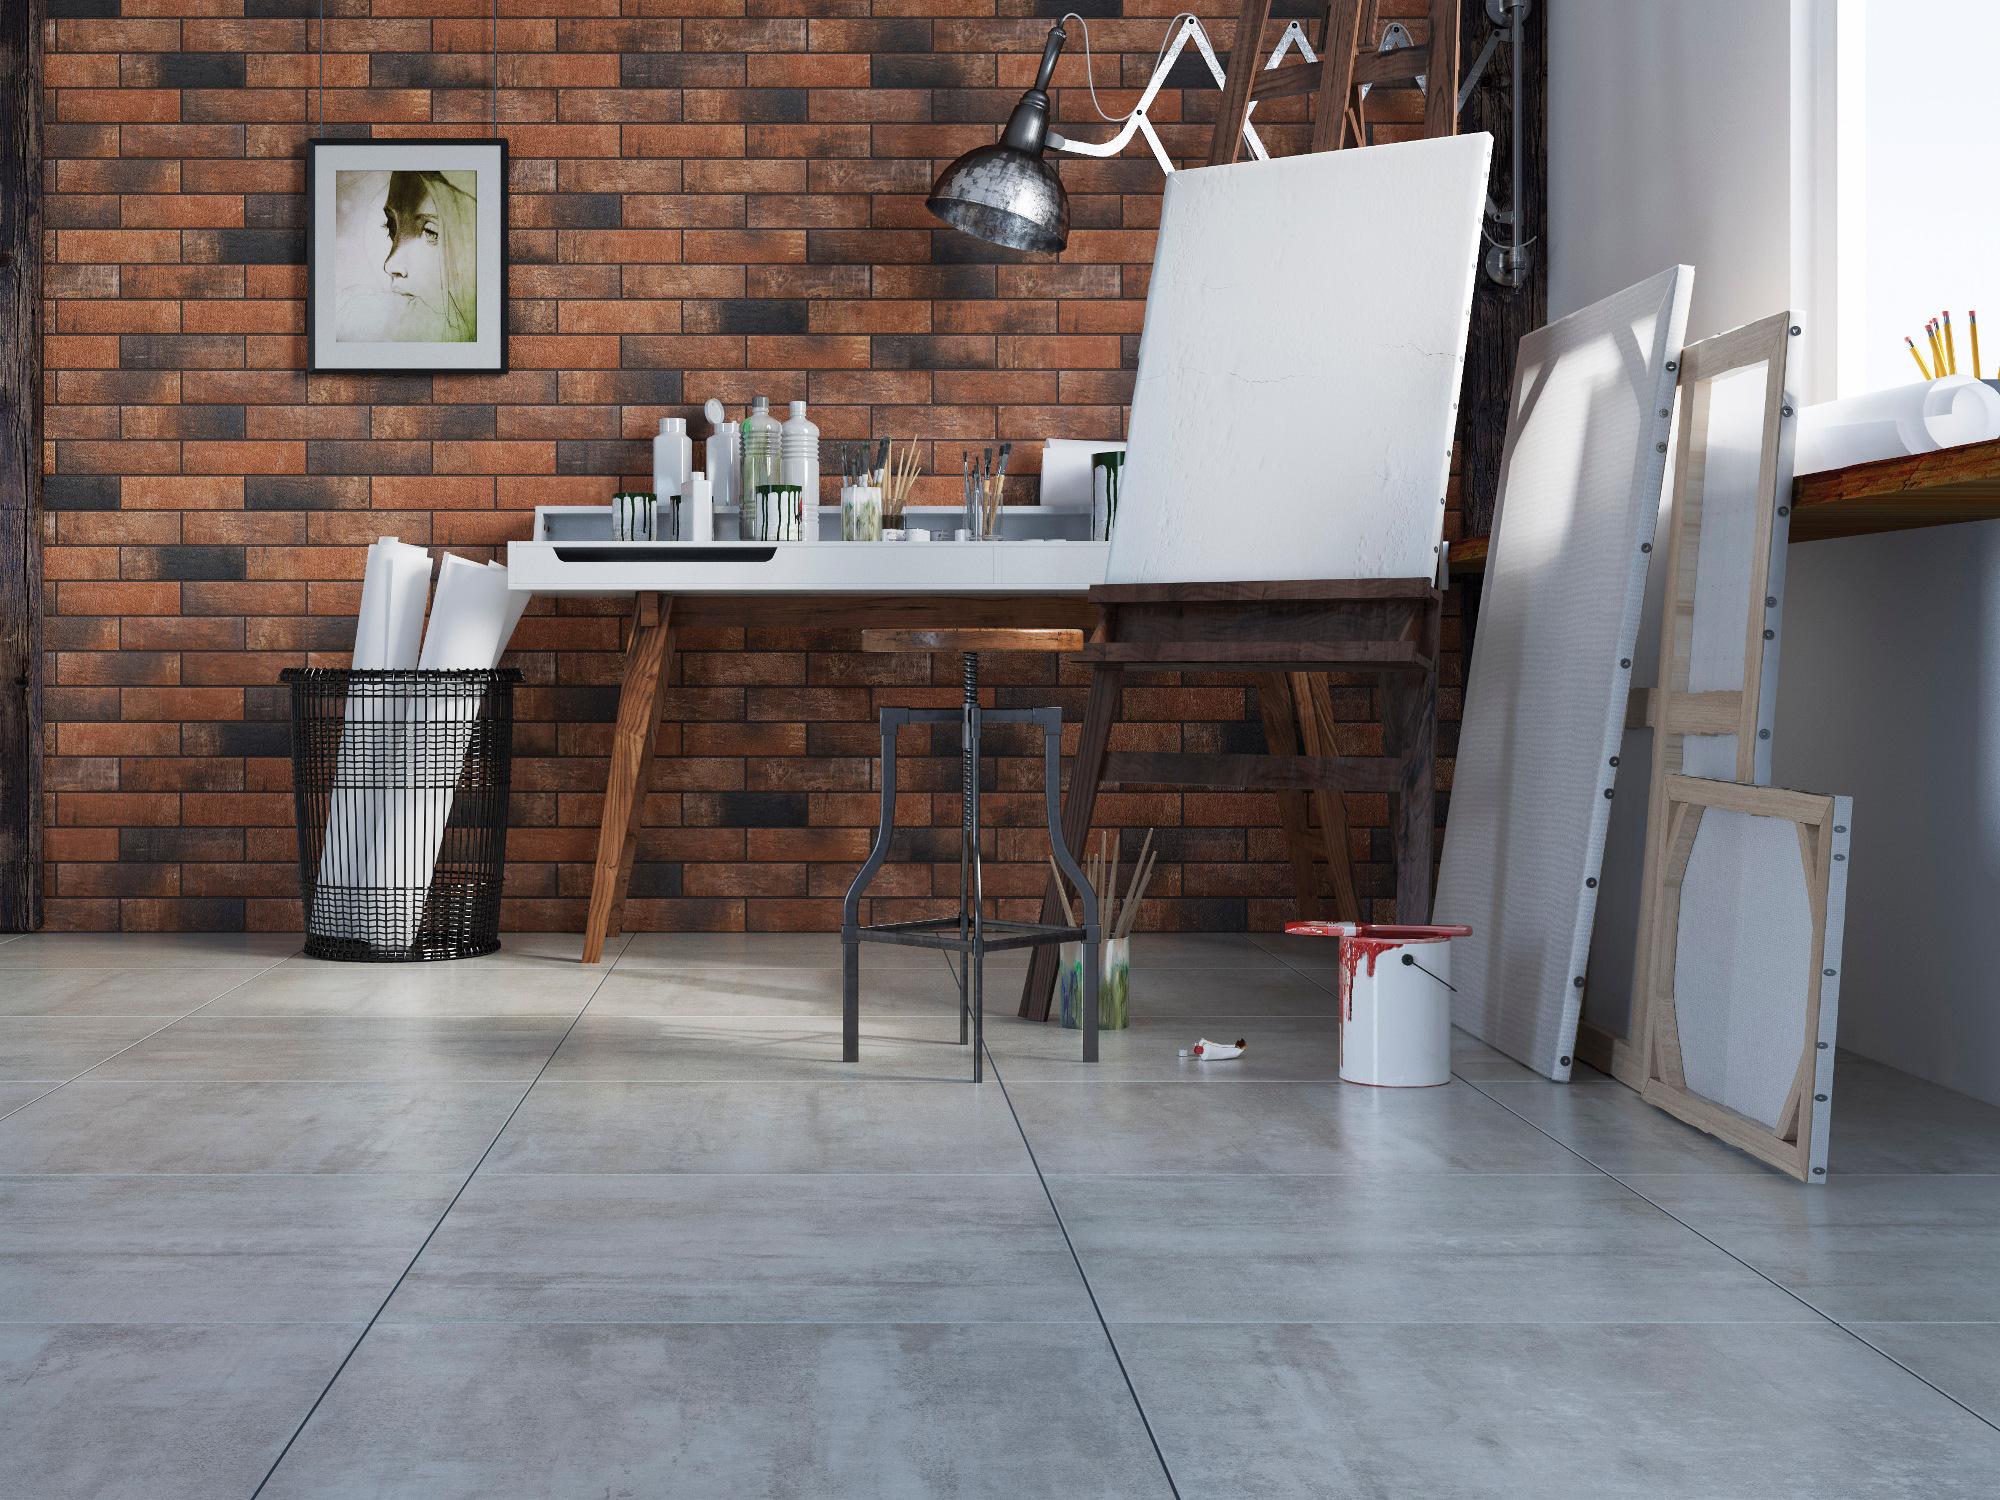 плитка фасадная польская фабрика Cerrad коллекция Loft Brick Chili